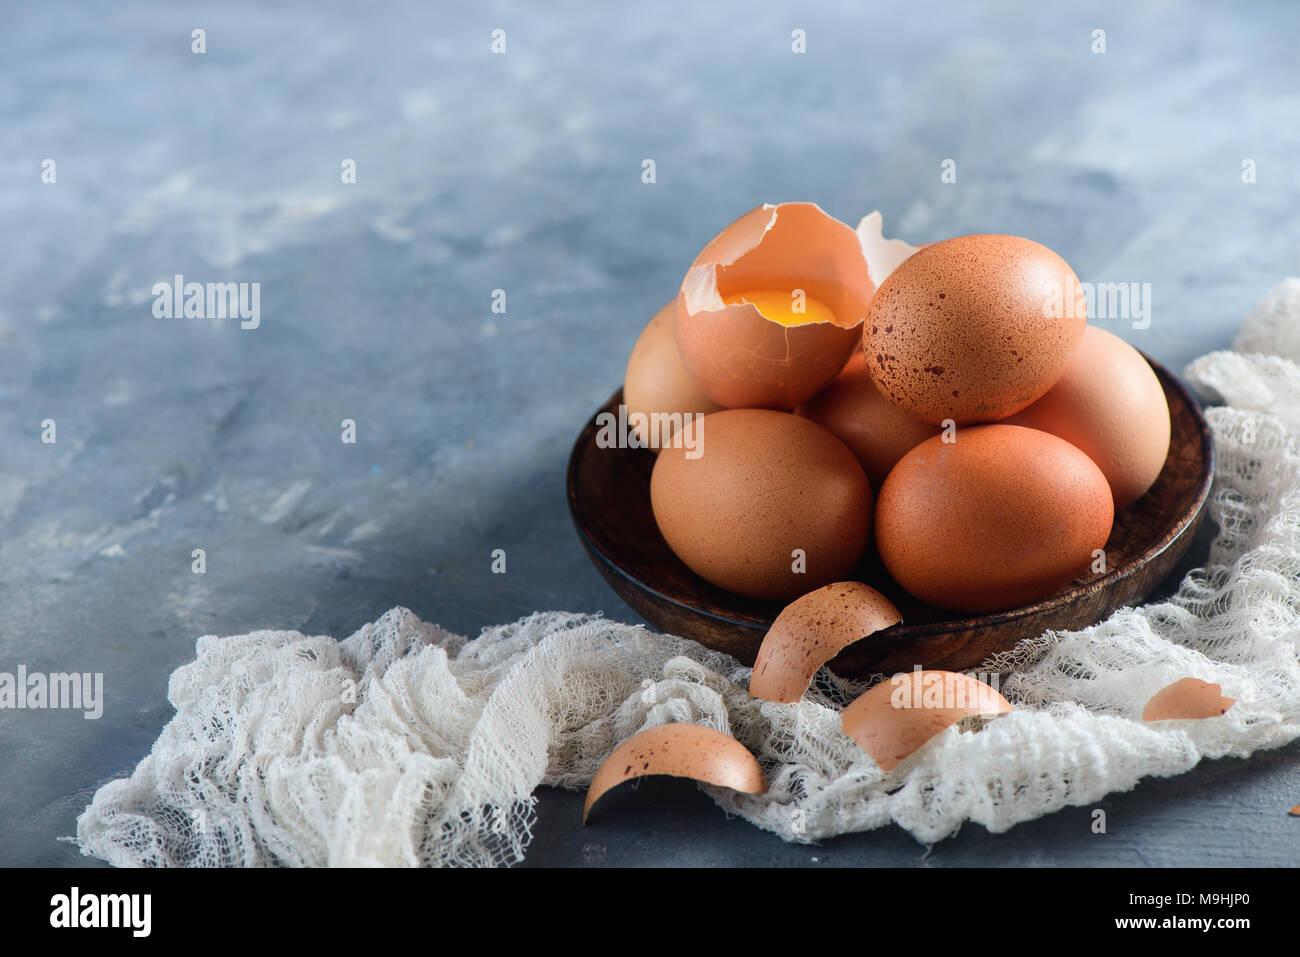 Los huevos de pollo fresco en un recipiente de madera sobre un fondo de hormigón con un paño blanco. Concepto de ingredientes orgánicos con espacio de copia. Imagen De Stock